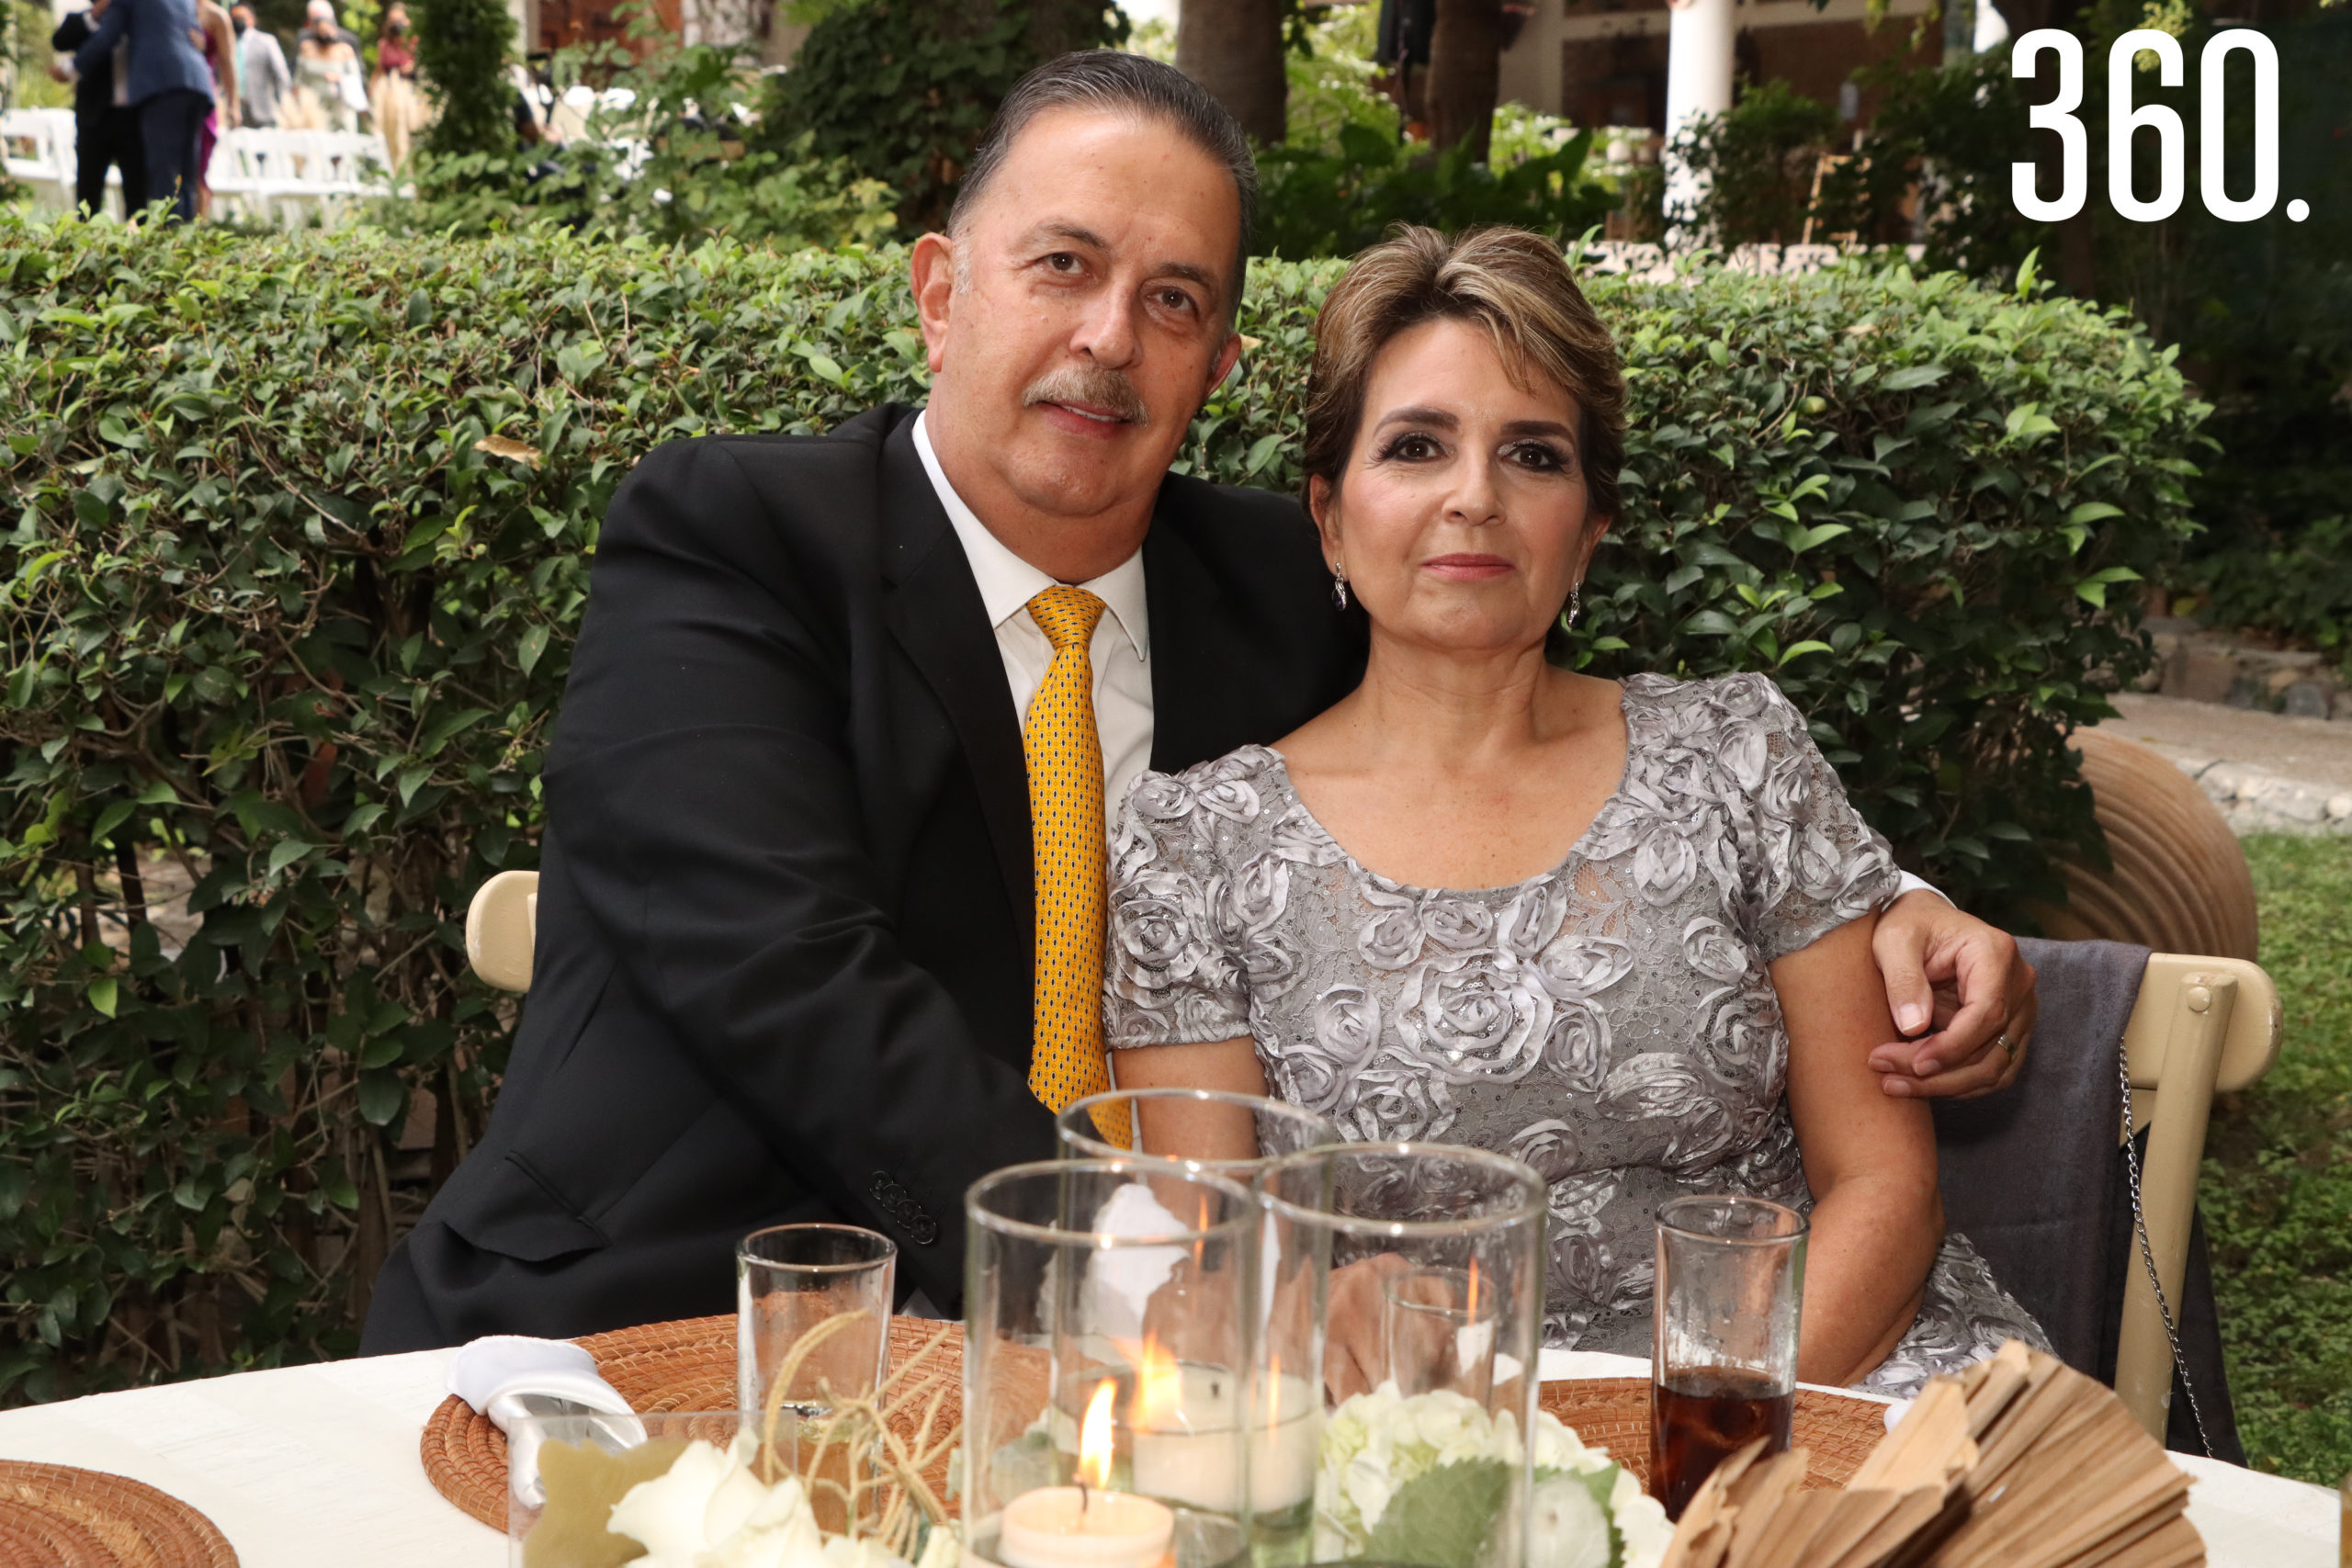 Humberto Mendoza y Marialba de Mendoza.